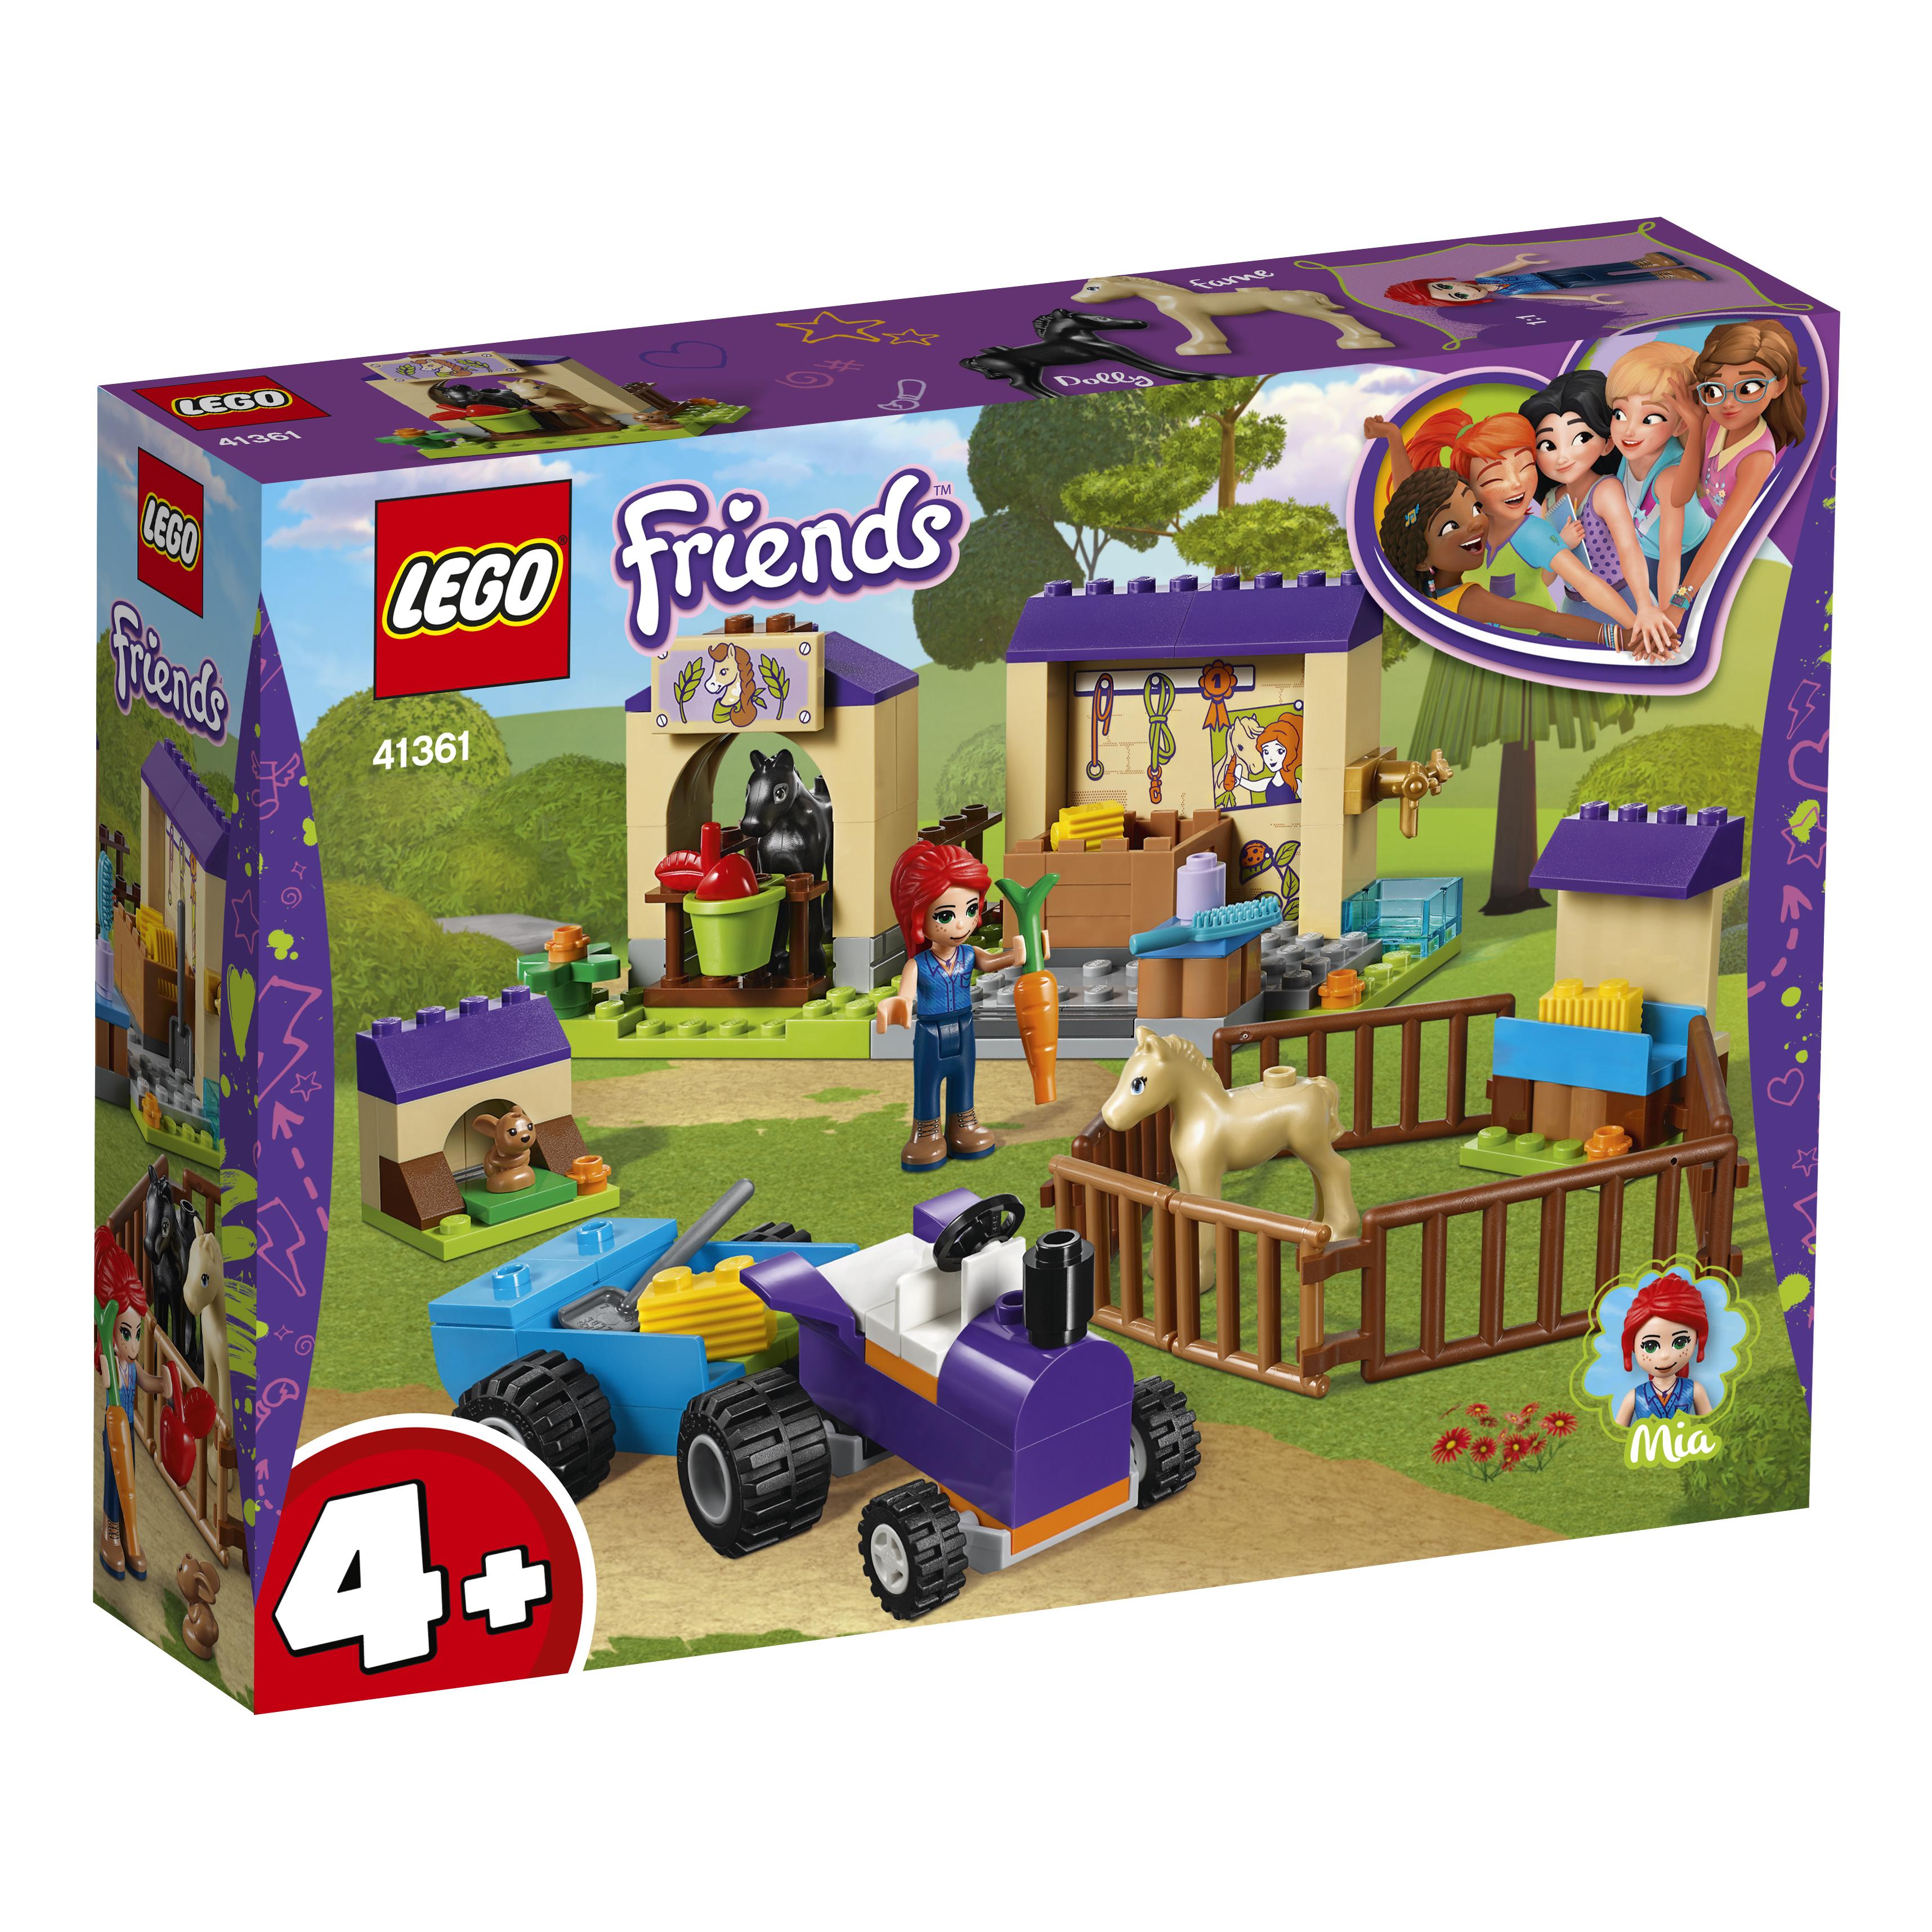 Купить LEGO, Конюшня для жеребят Мии, Китай, разноцветный, Женский